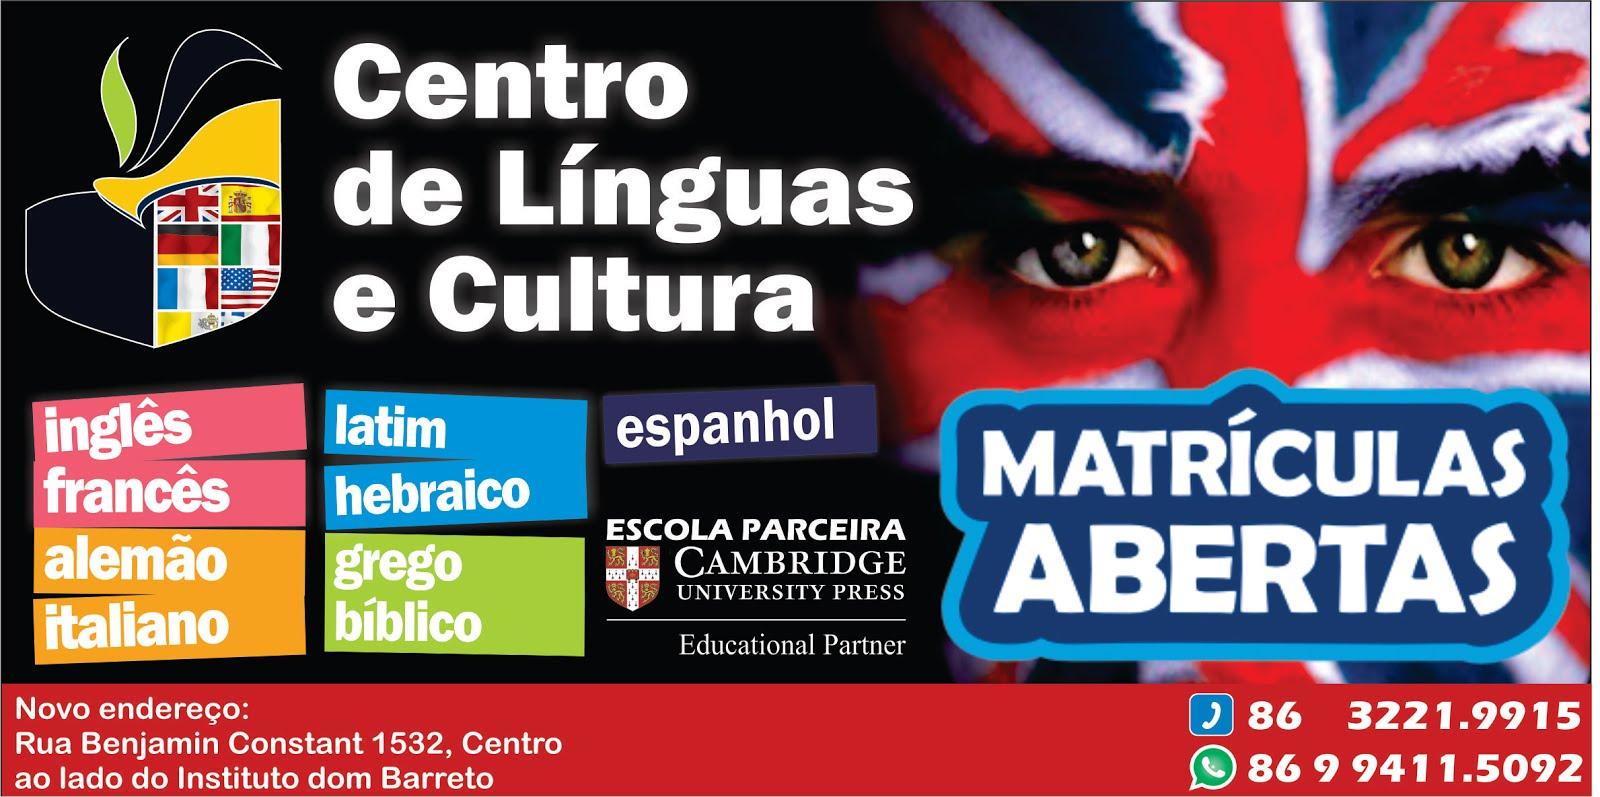 Centro de Línguas e Cultura